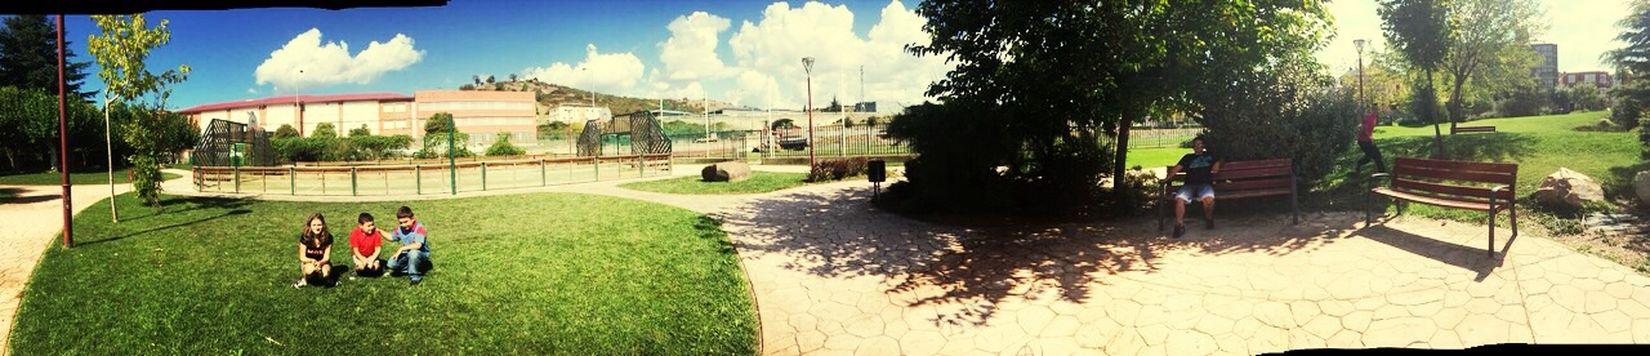 Parque niños etc